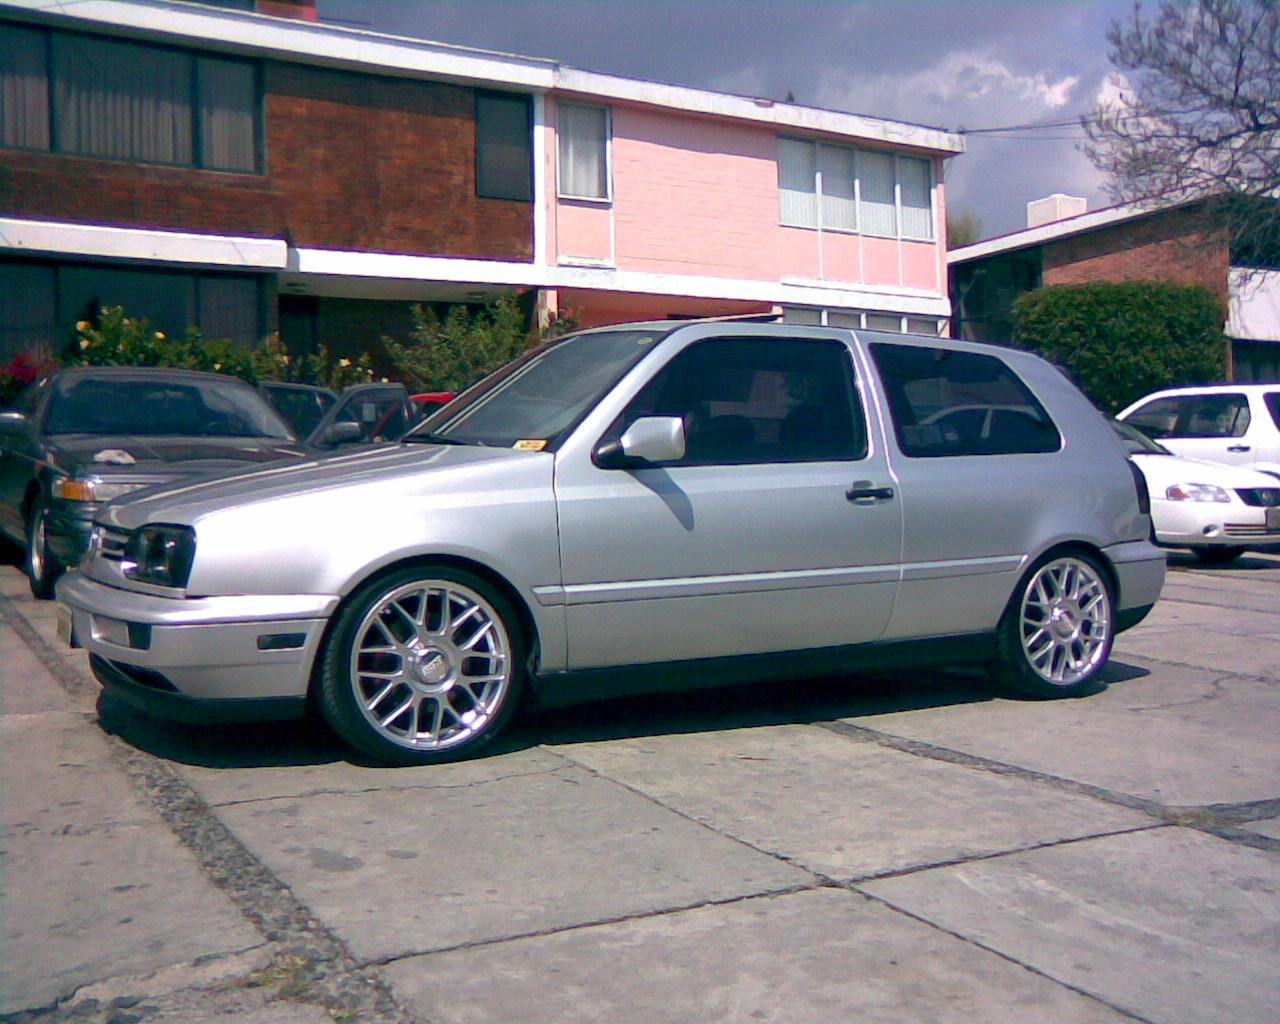 Volkswagen Gti Vr6 Specs >> 1998 Volkswagen GTI - Pictures - CarGurus